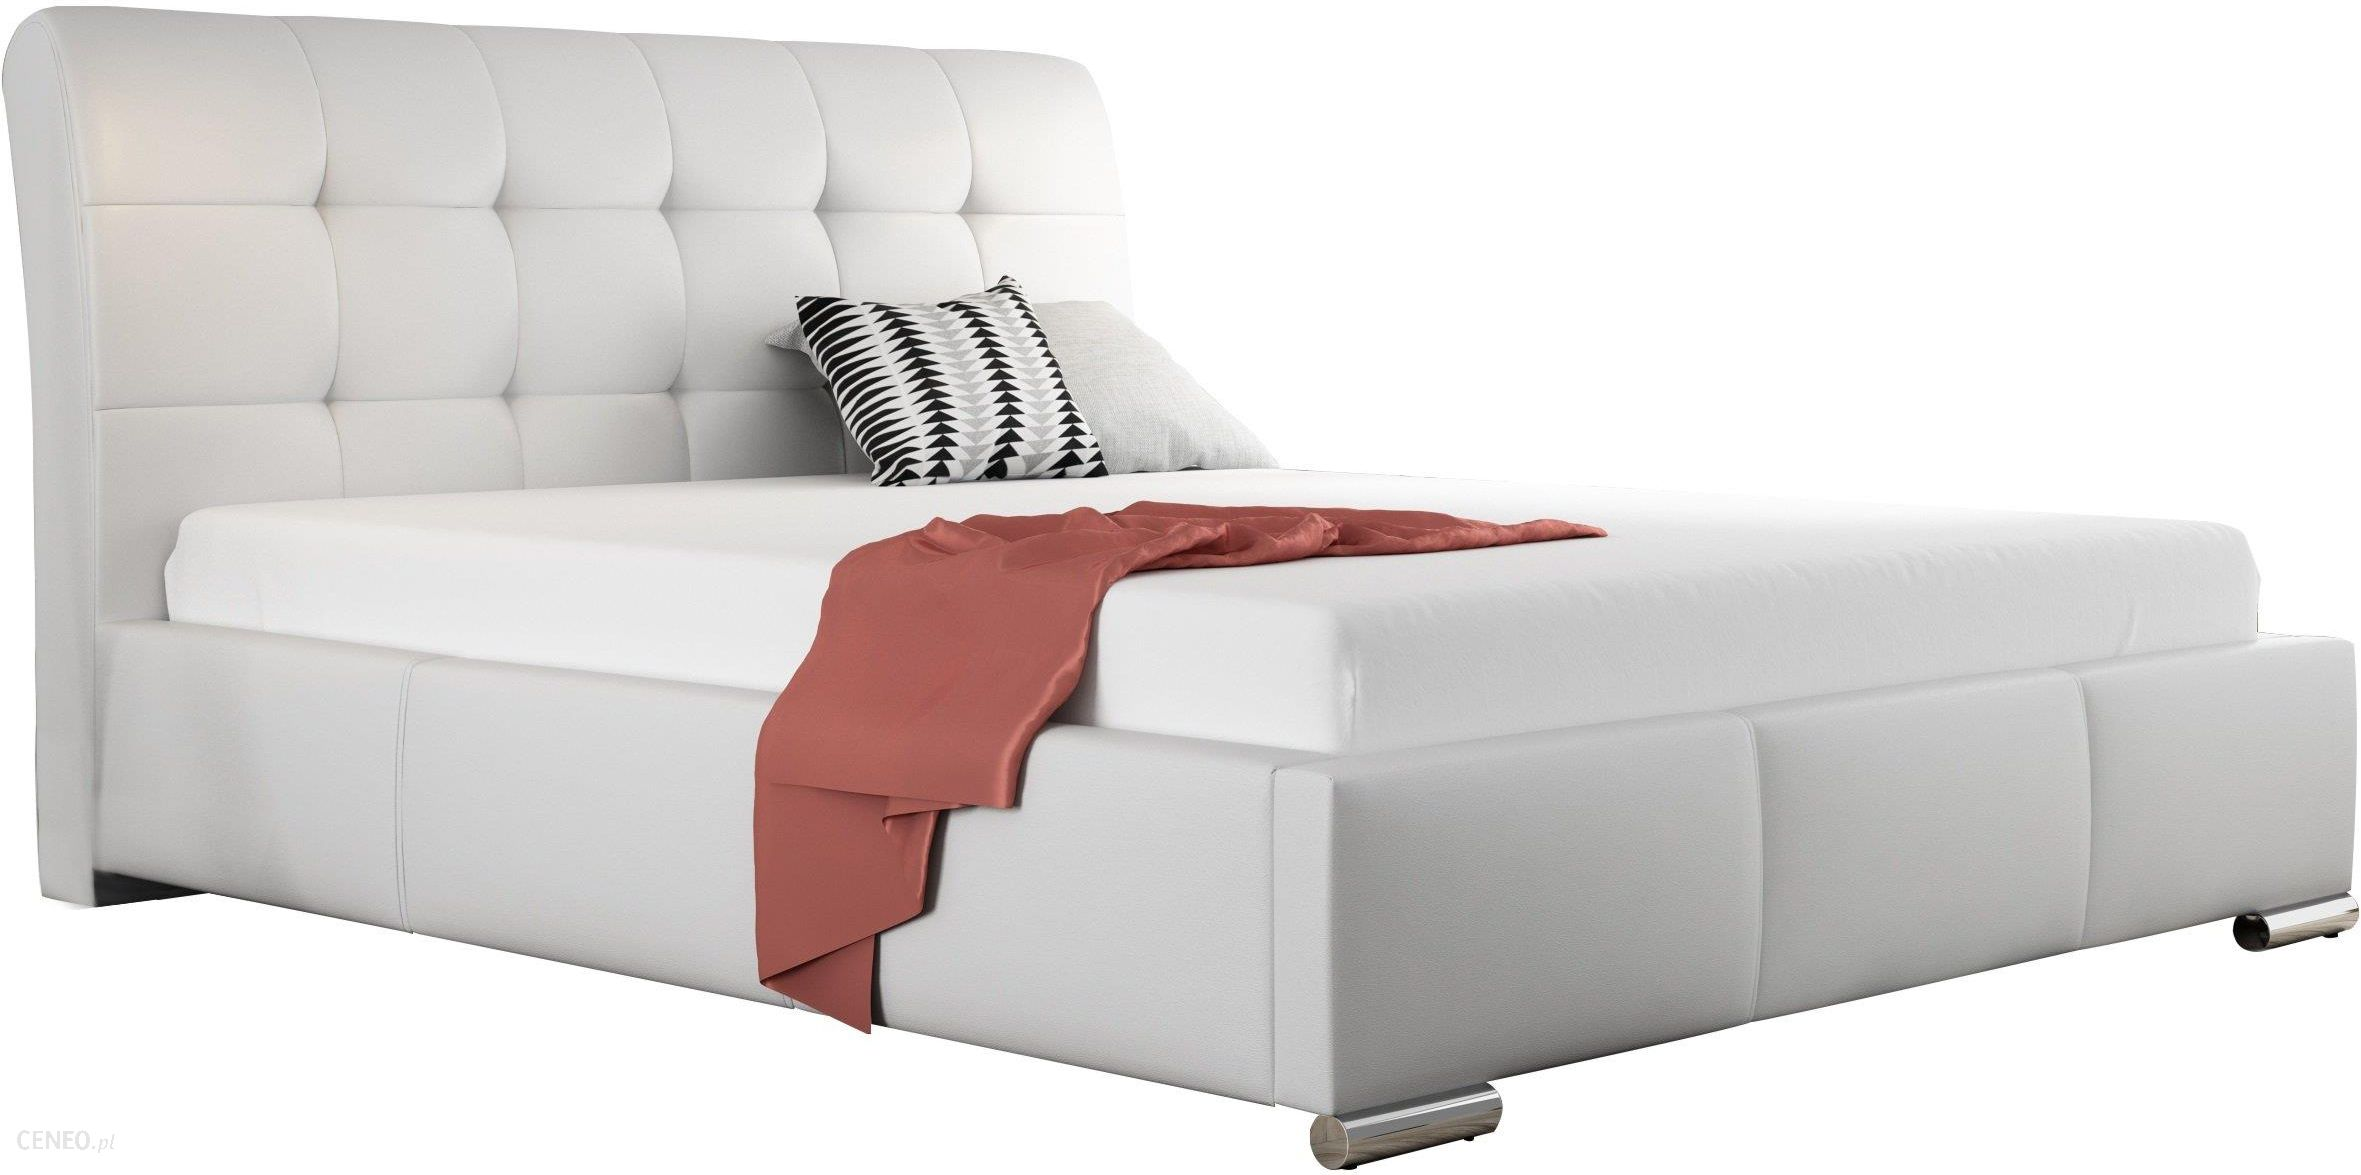 Mks Meble łóżko Tapicerowane Amber 160x200 Wrocław Sklepy